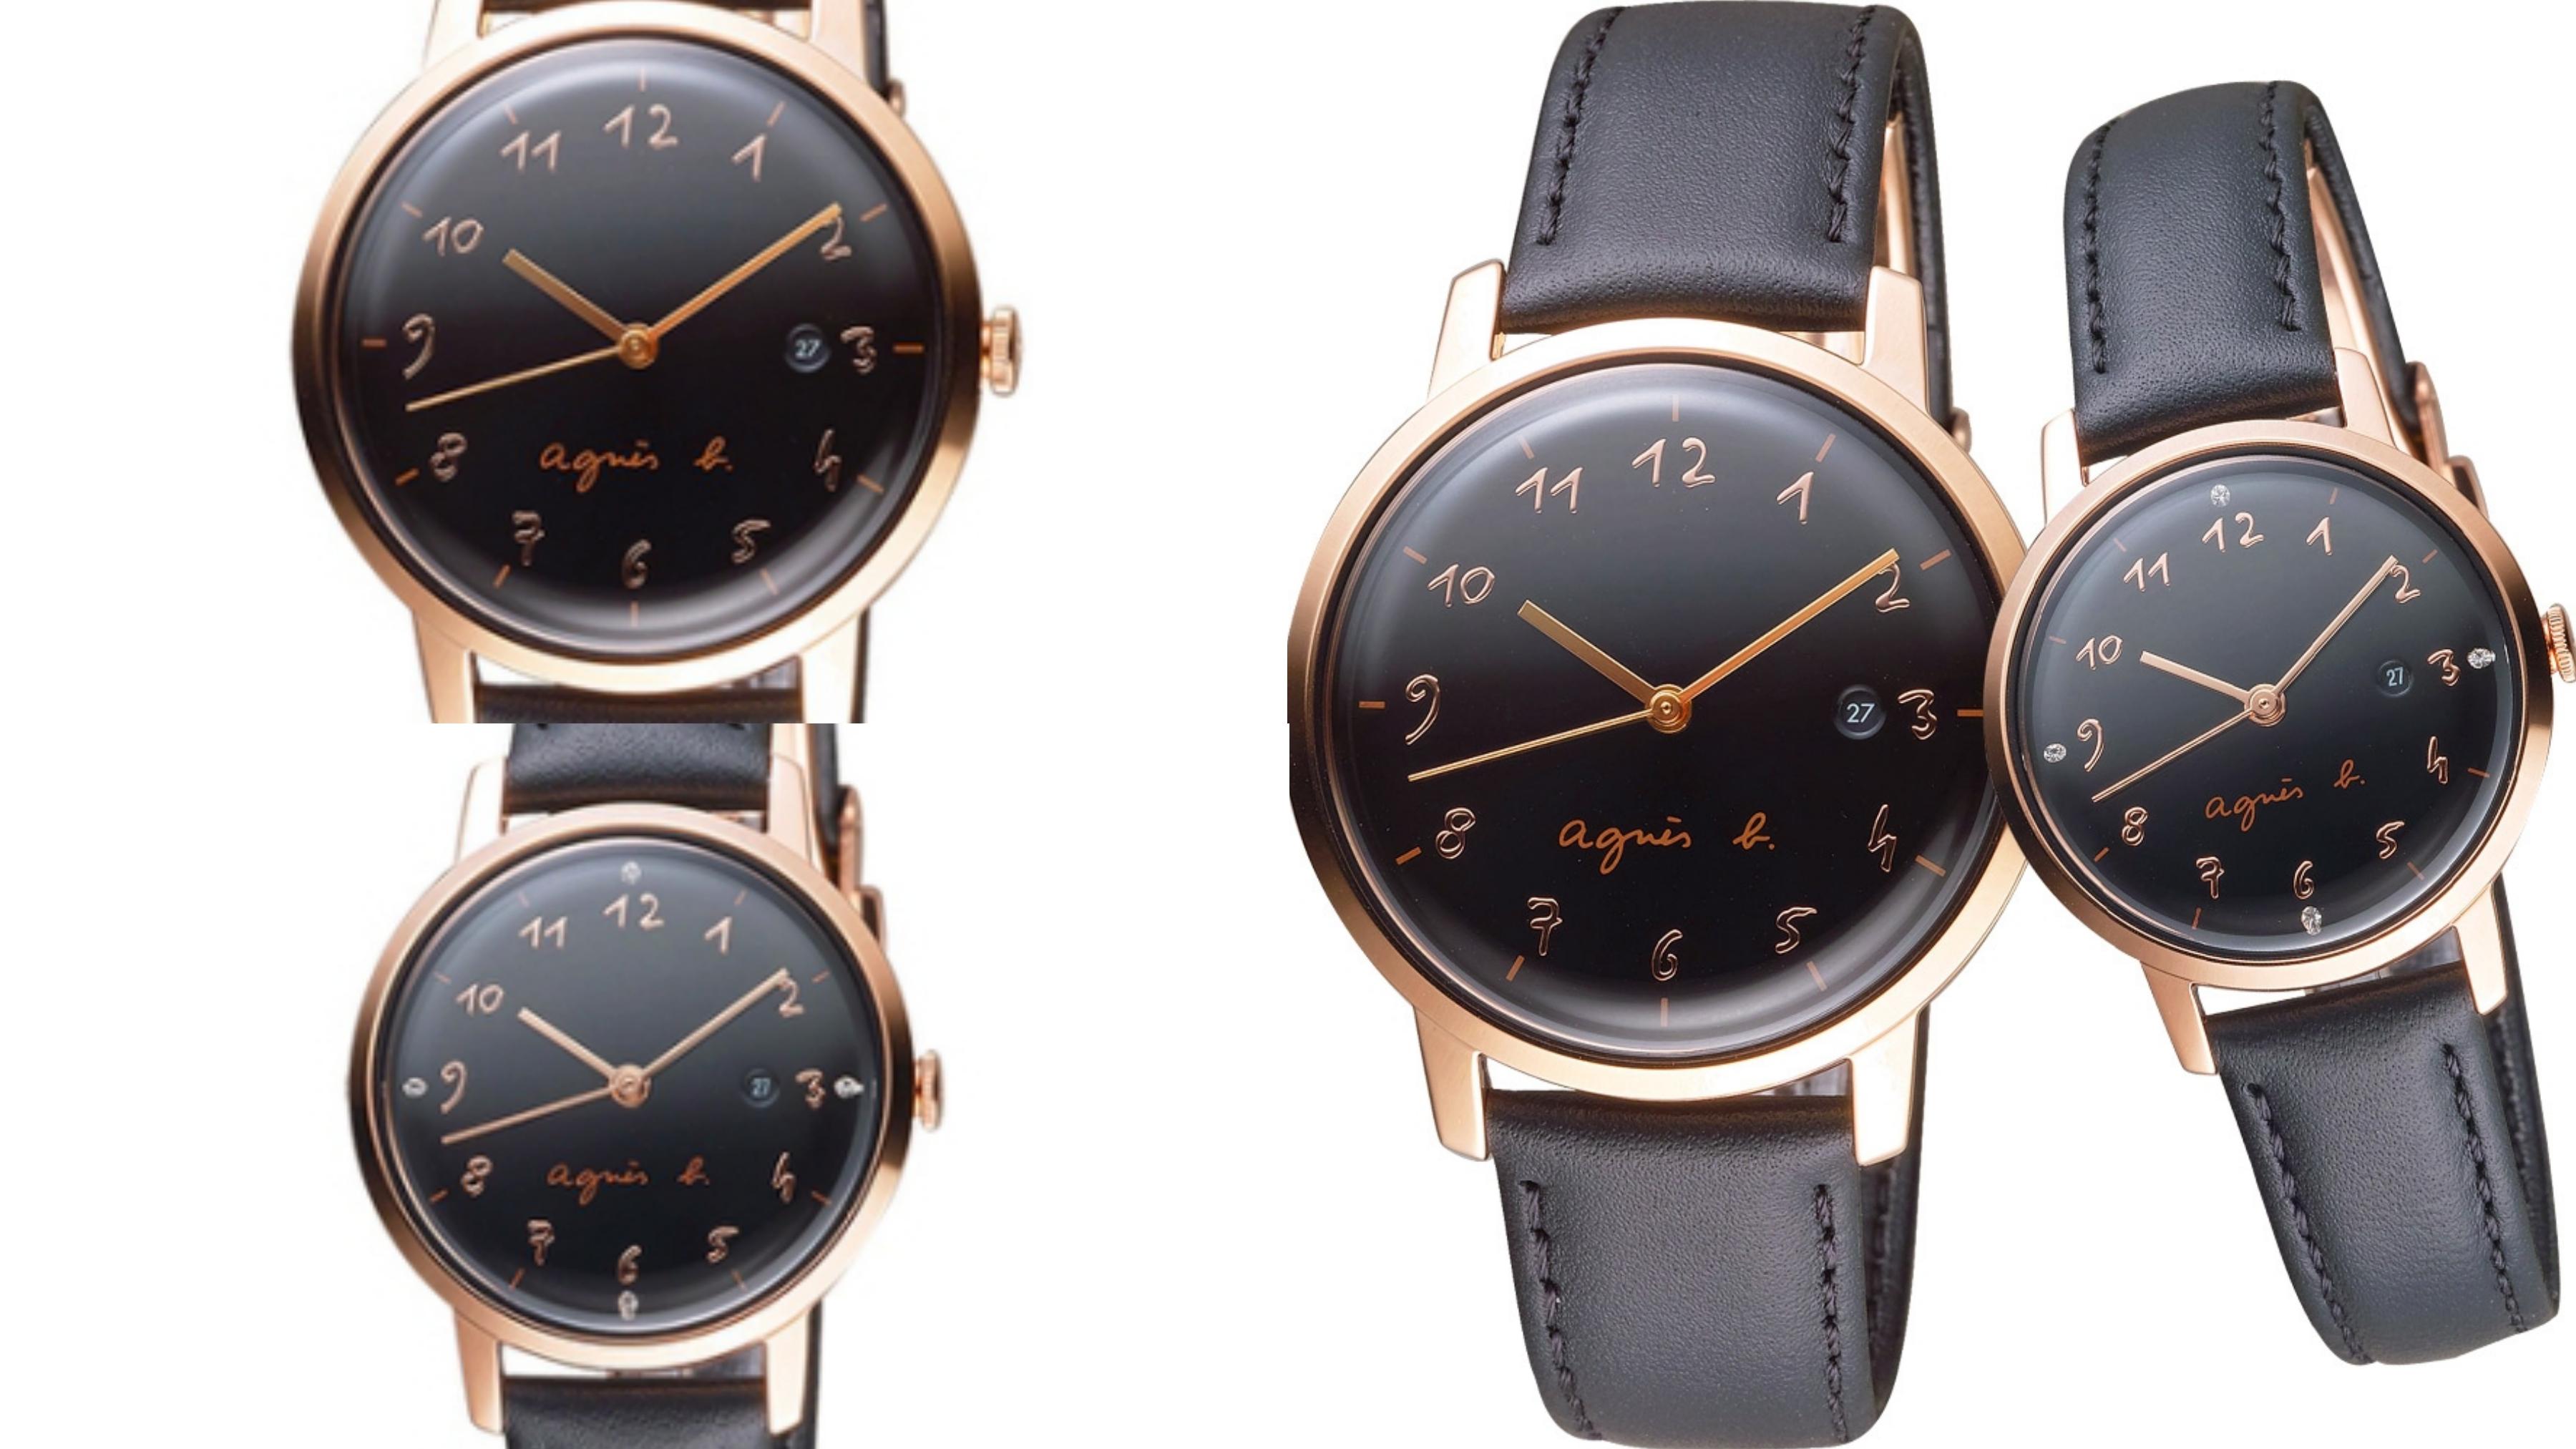 黑色的錶盤展現俐落時髦,金色錶圈更顯精緻